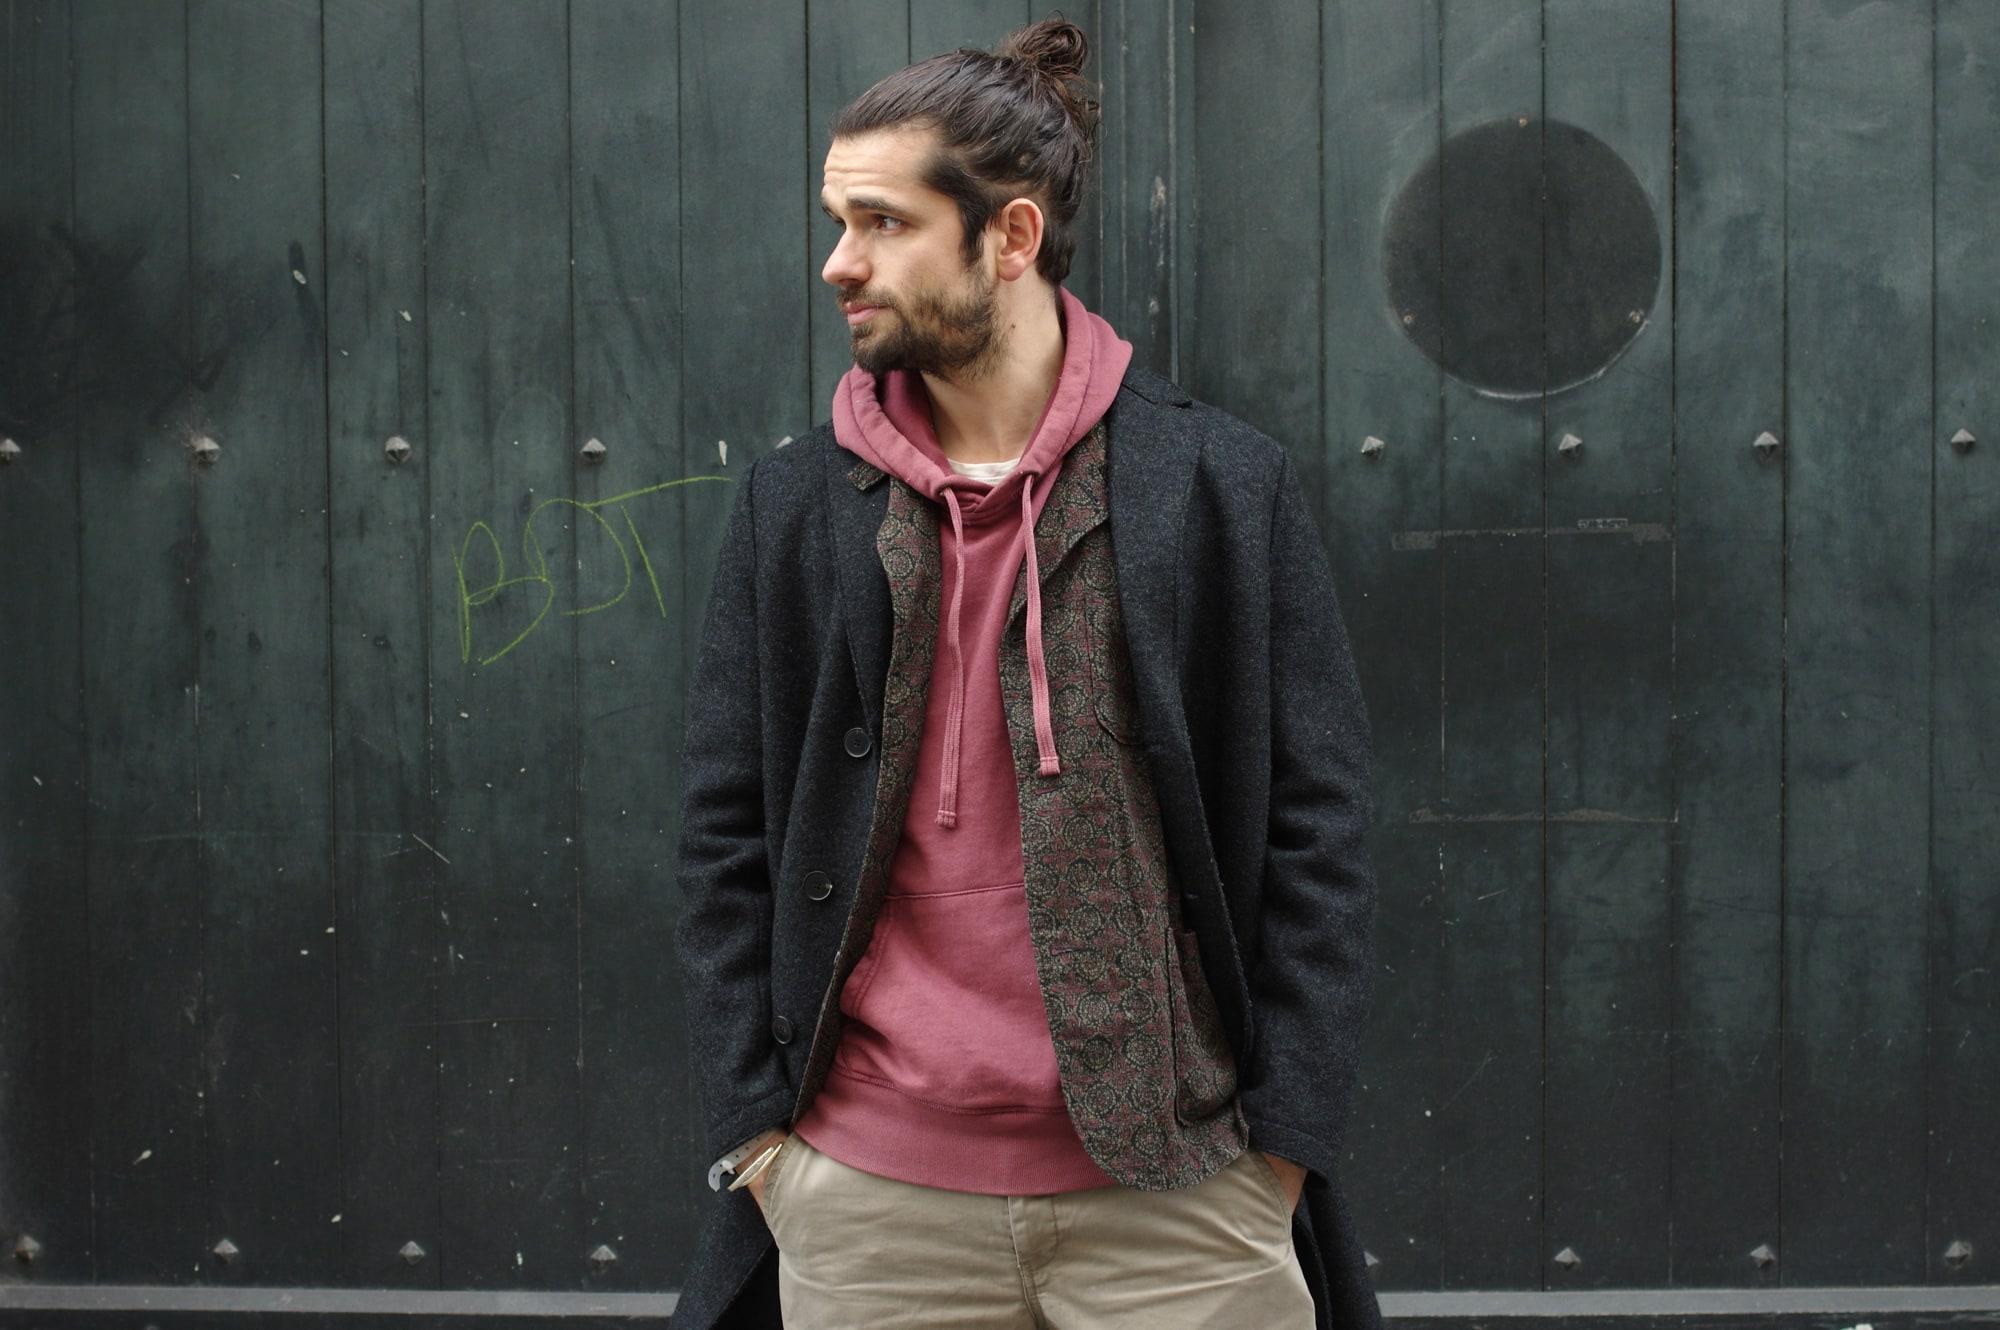 comment porter un manteau long avec un hoodie dans un style homme masculin harriw wharf london boiled wool coat